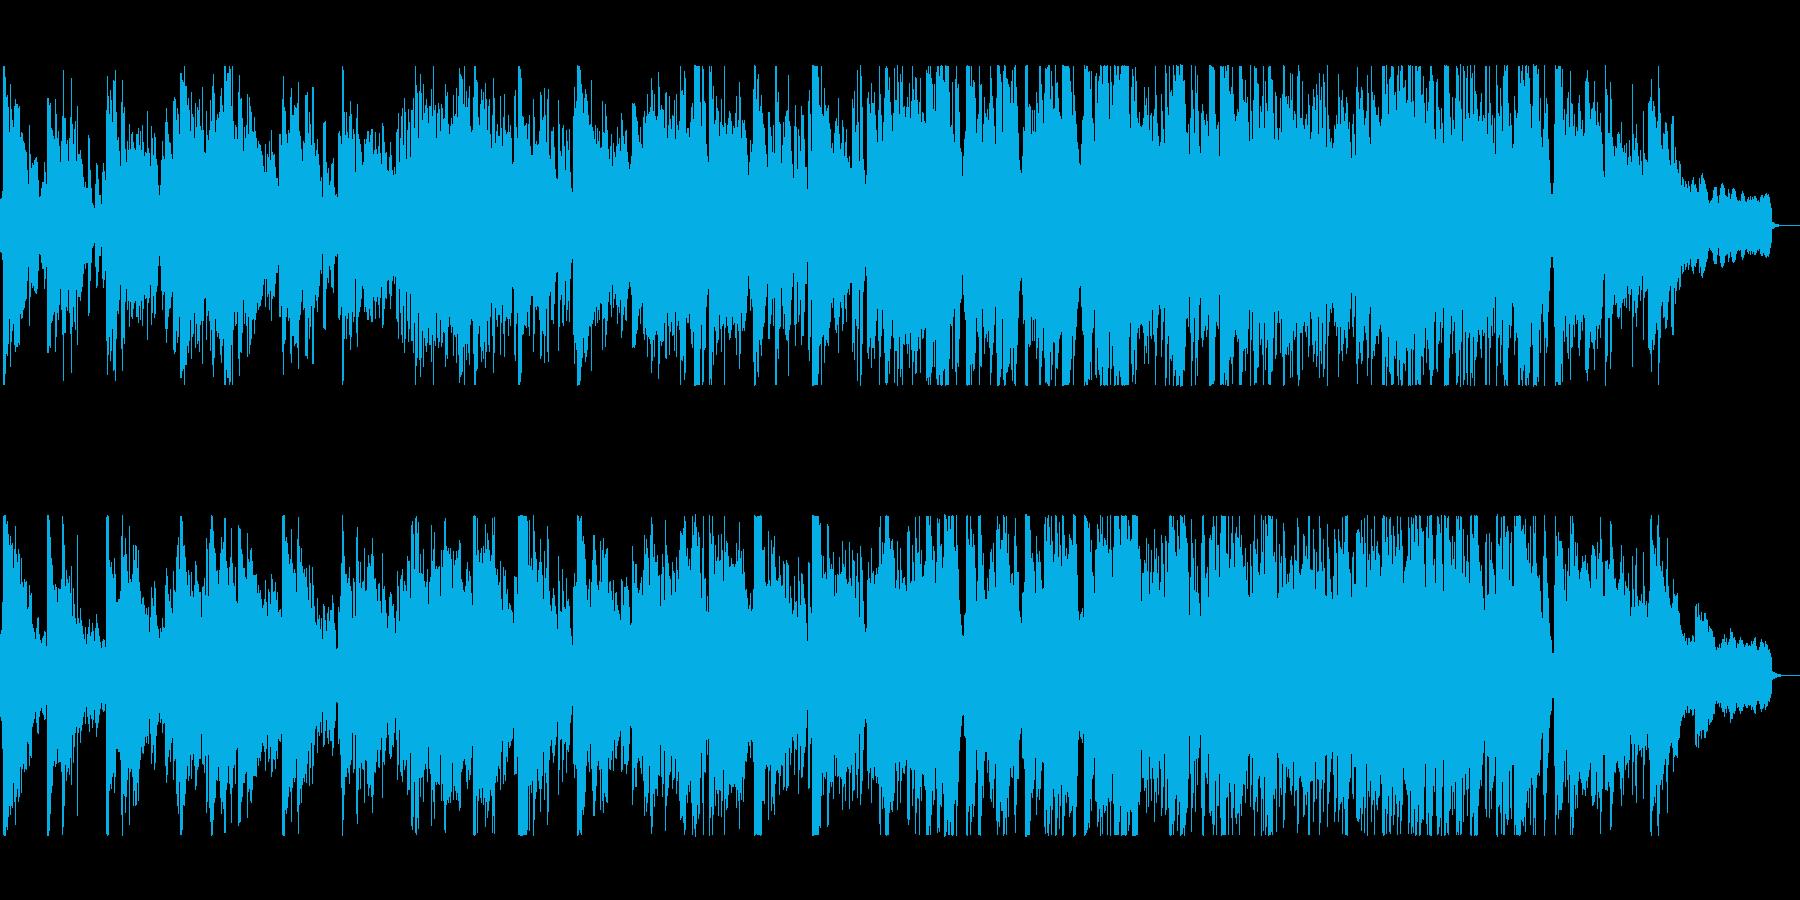 流れるようなギターが印象的なジャズの再生済みの波形